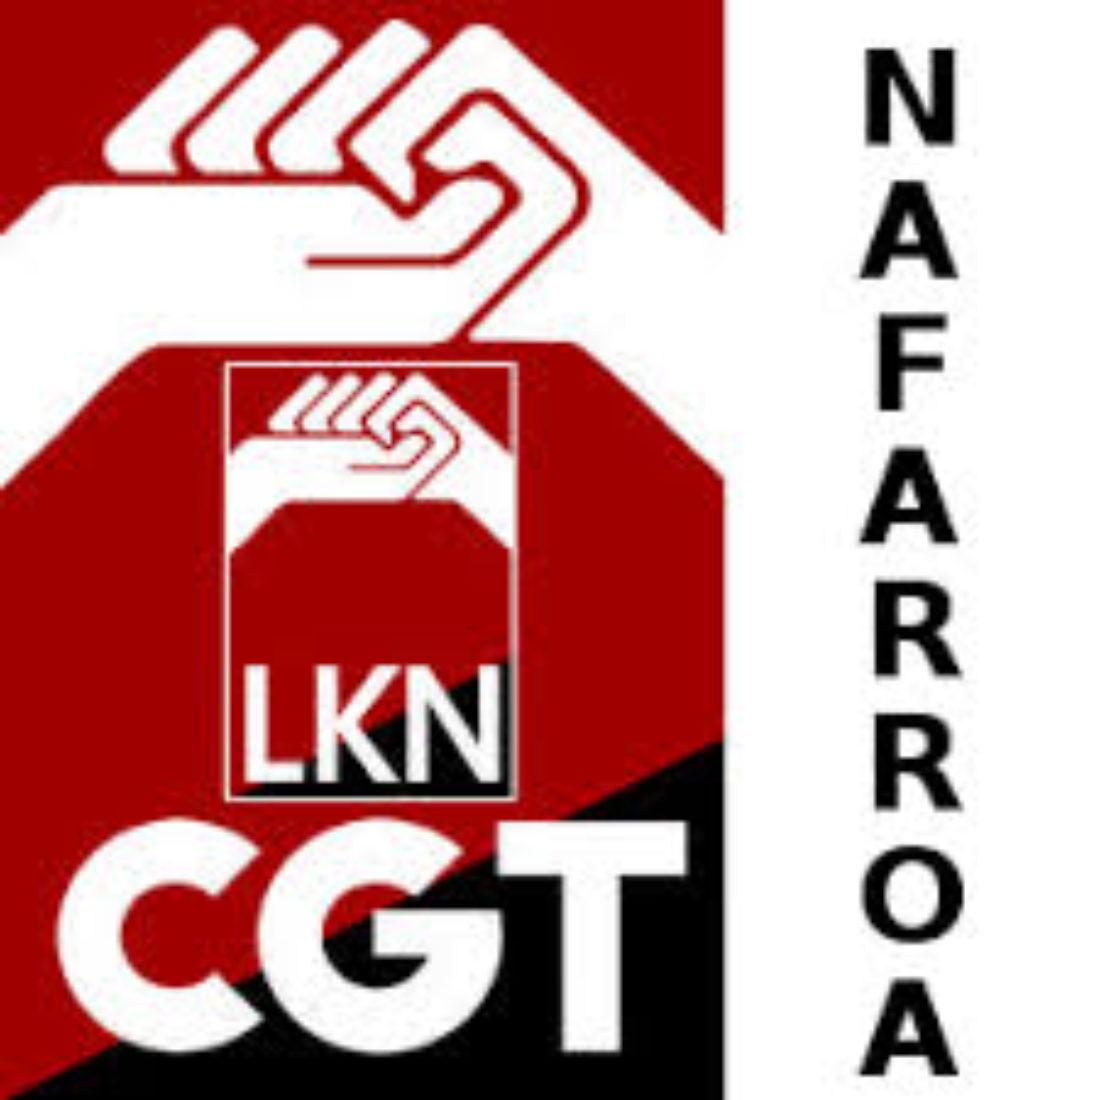 El TSJ de Navarra revoca la prohibición del acto simbólico del 1 de Mayo